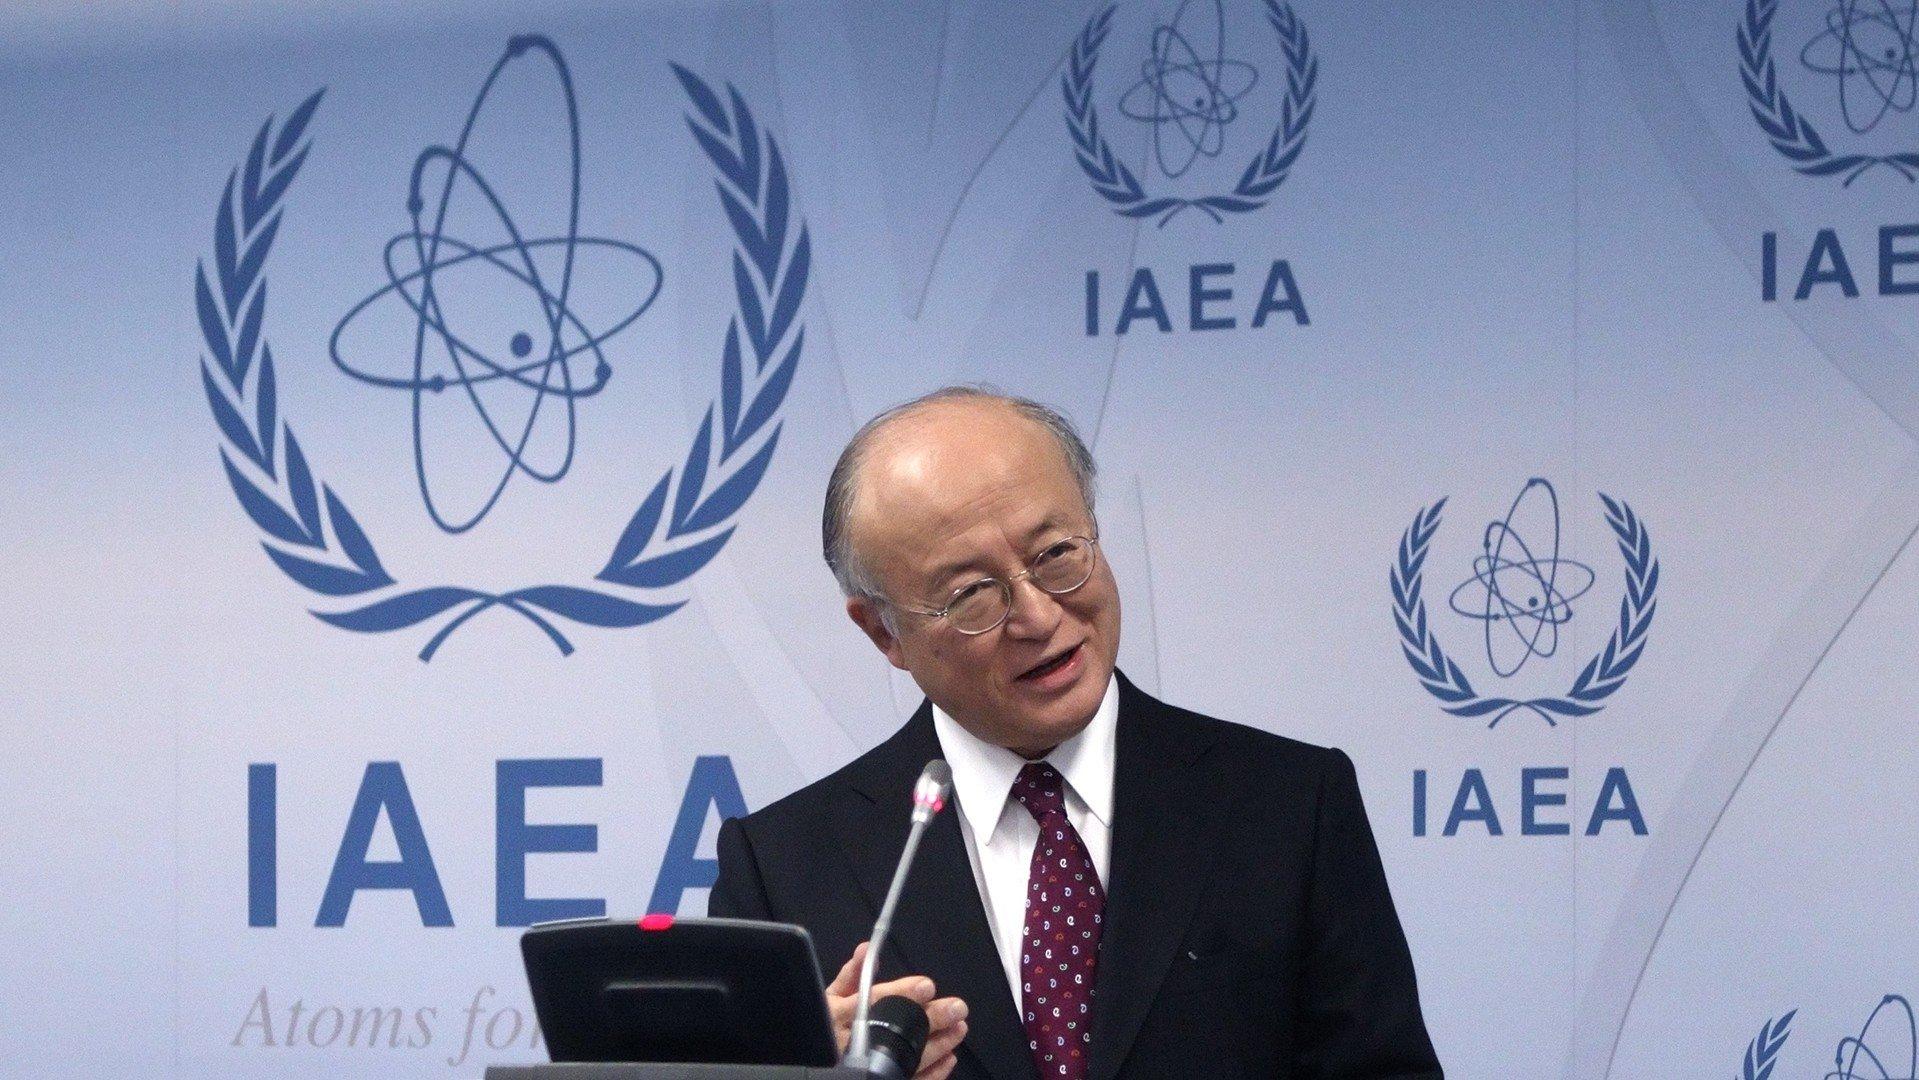 Dix réponses courtes aux cinq points clés de l'accord sur le nucléaire iranien